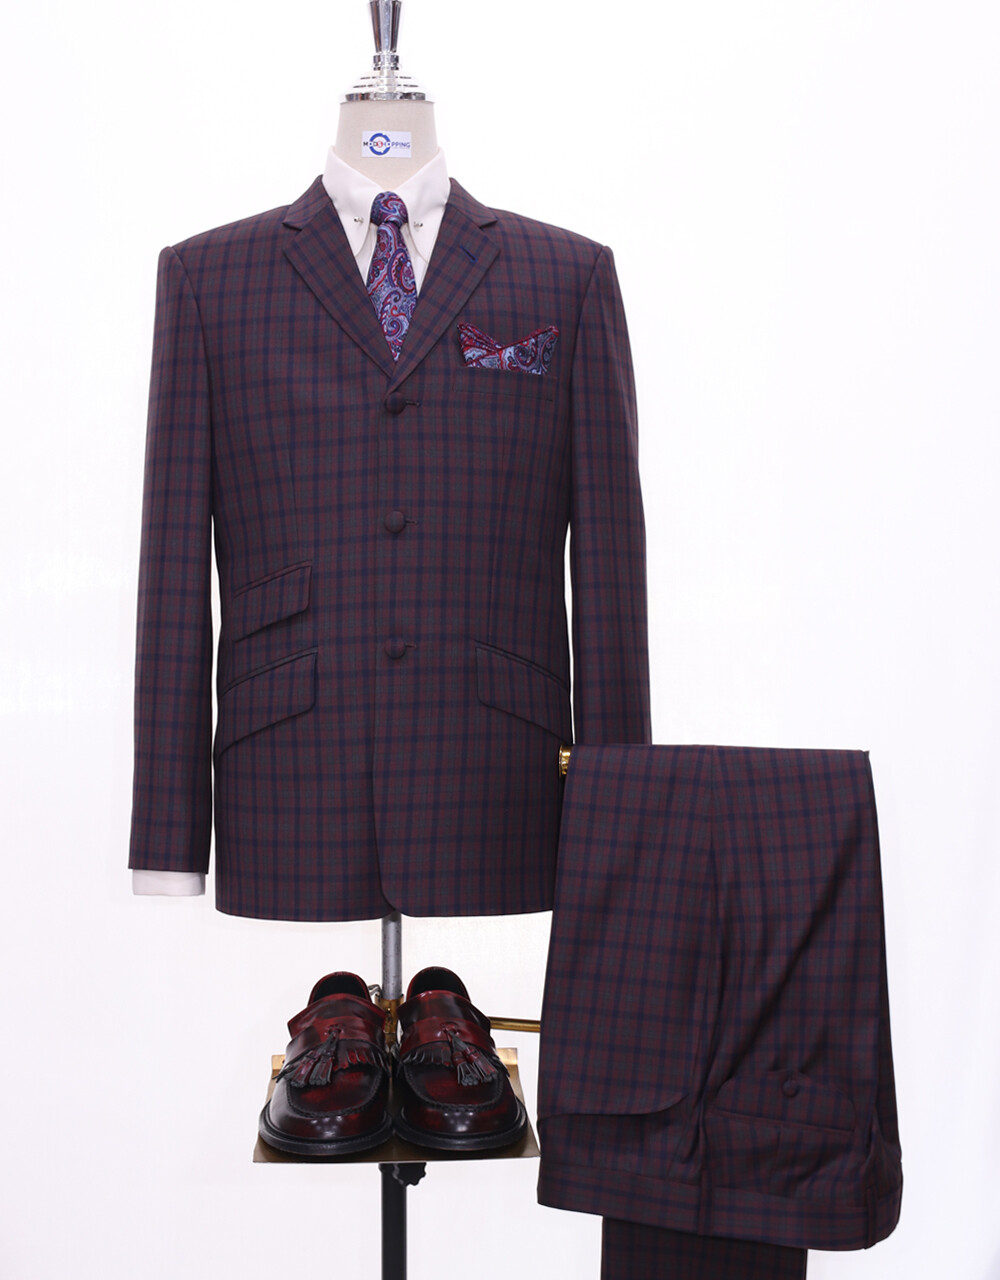 Mod Suit    Multi-Color Gingham Check 3 Button Suit